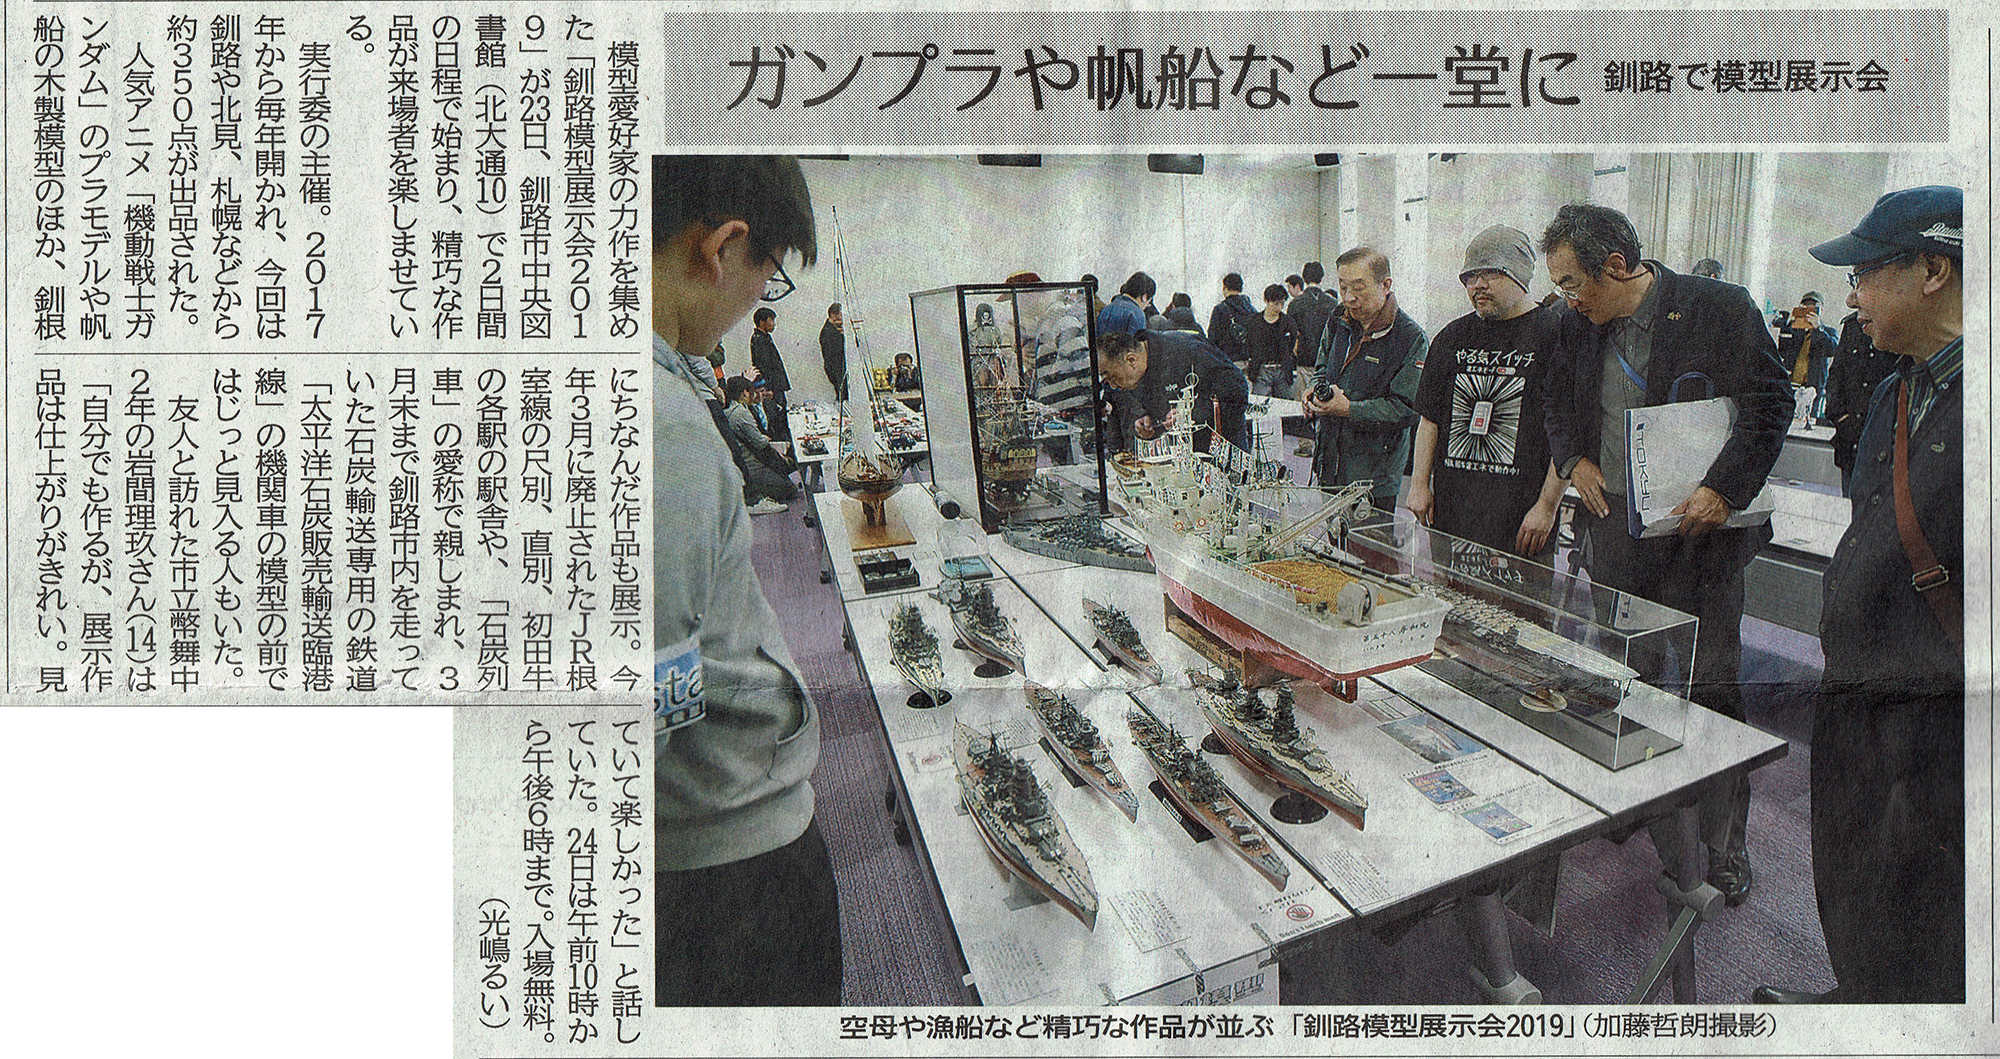 2019-11-24北海道新聞朝刊